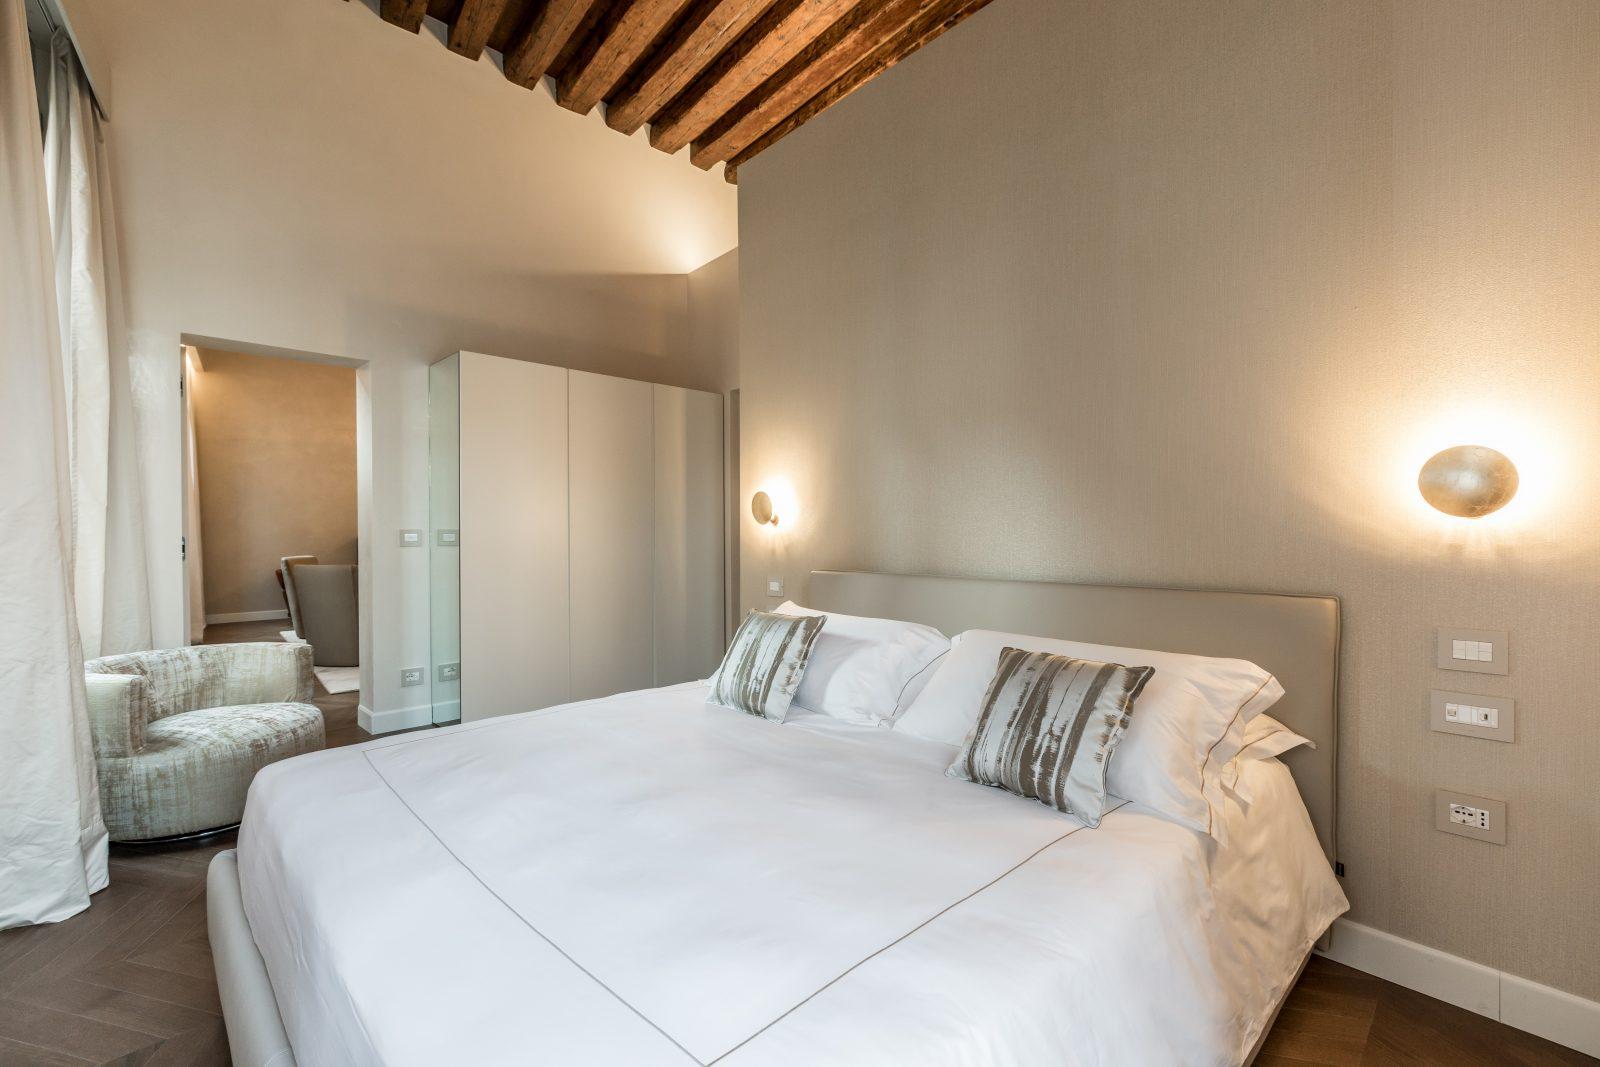 letto-camera-appartamento-zenzero-cuscini-tessuto-lusso-travi-vista-legno-lampade-arredamento-design-venezia-palazzo-morosini